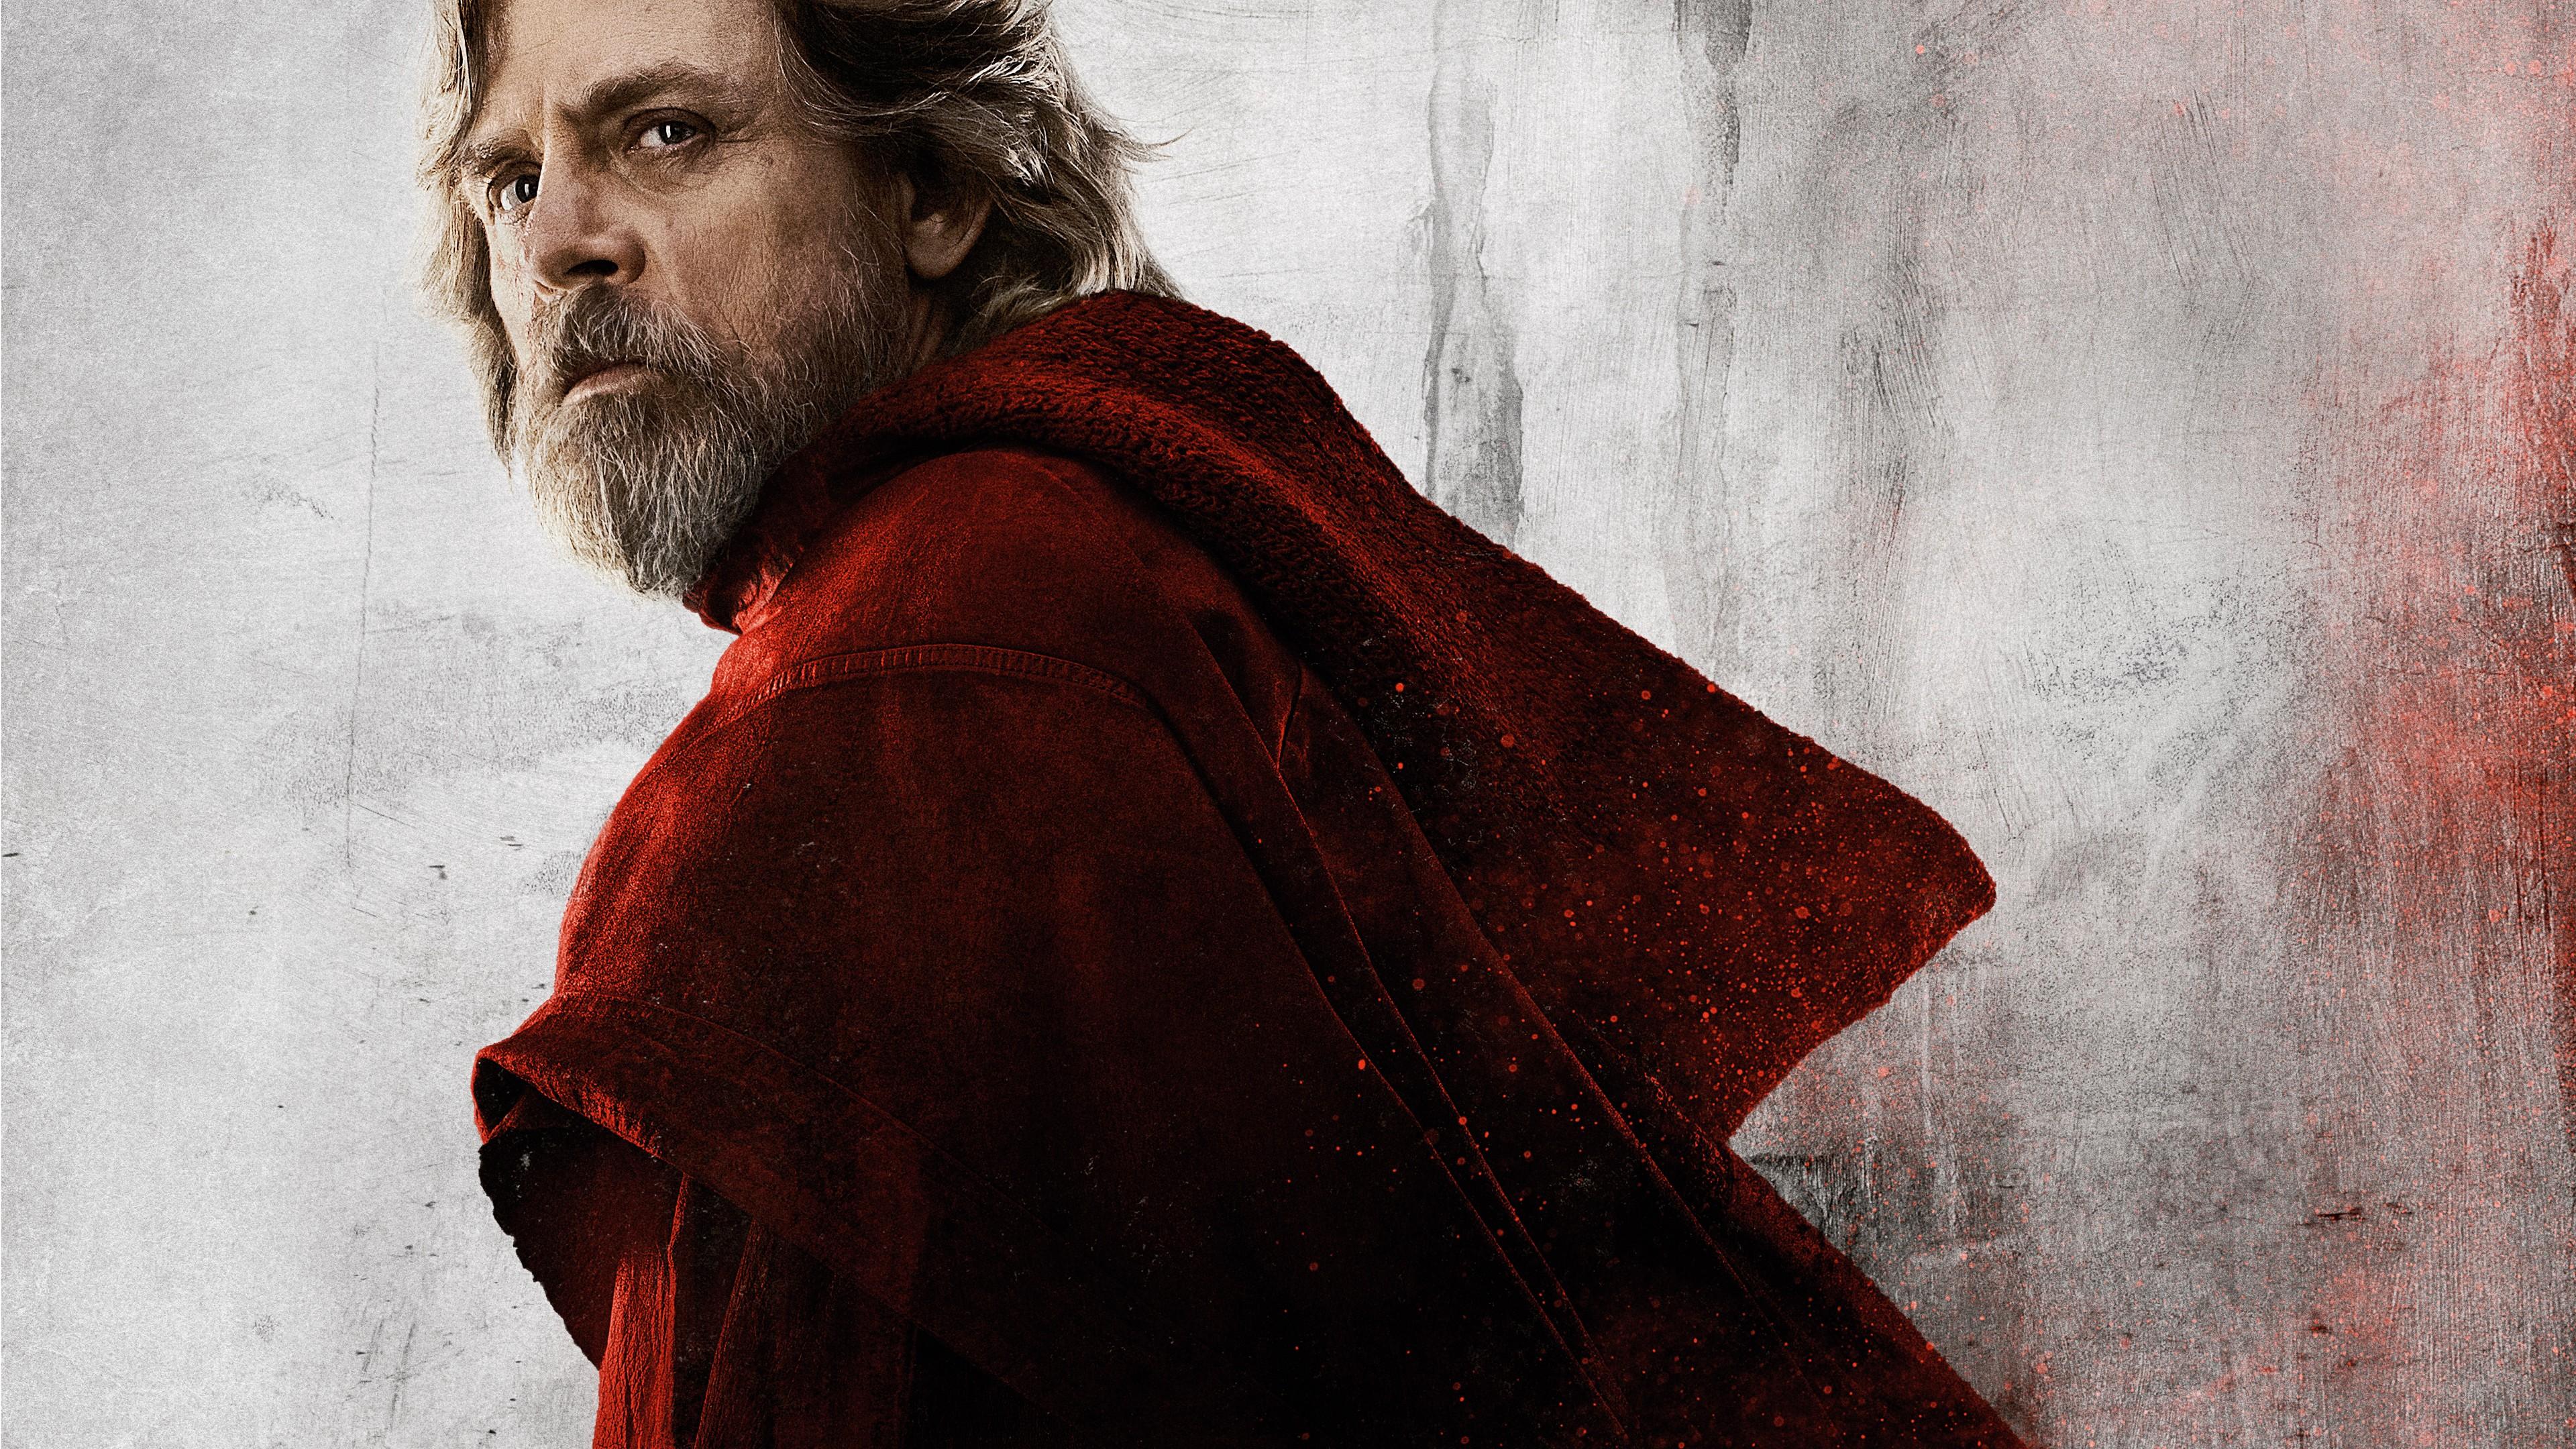 Wallpaper Star Wars The Last Jedi Mark Hamill 8k Movies 15103 3840x2160